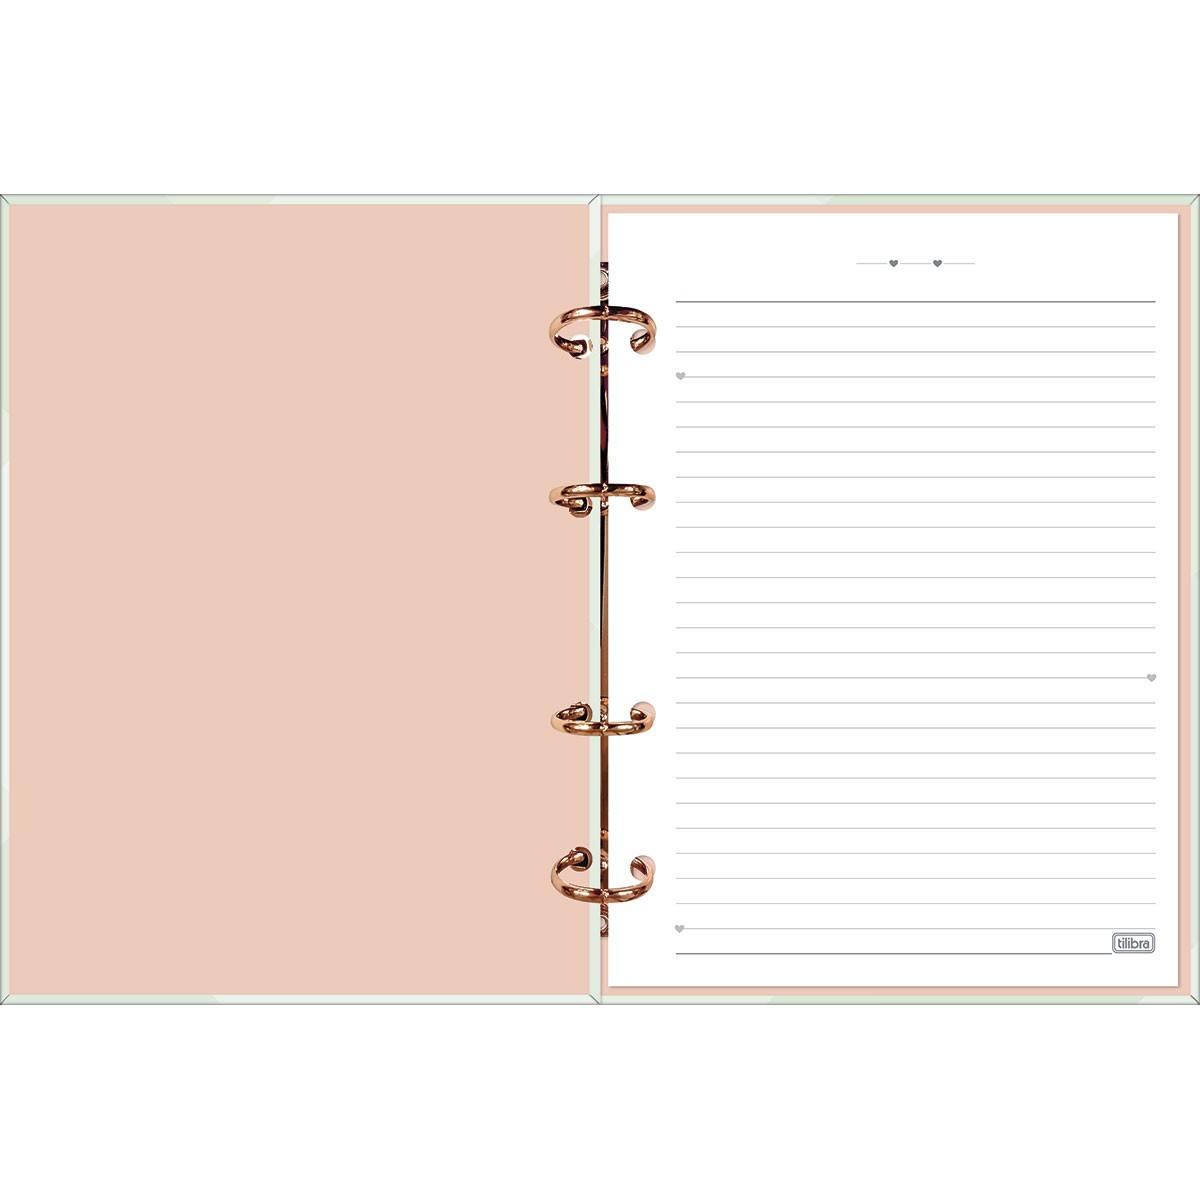 Caderno Argolado Cartonado Colegial Soho S/L 160 Fls - Tilibra